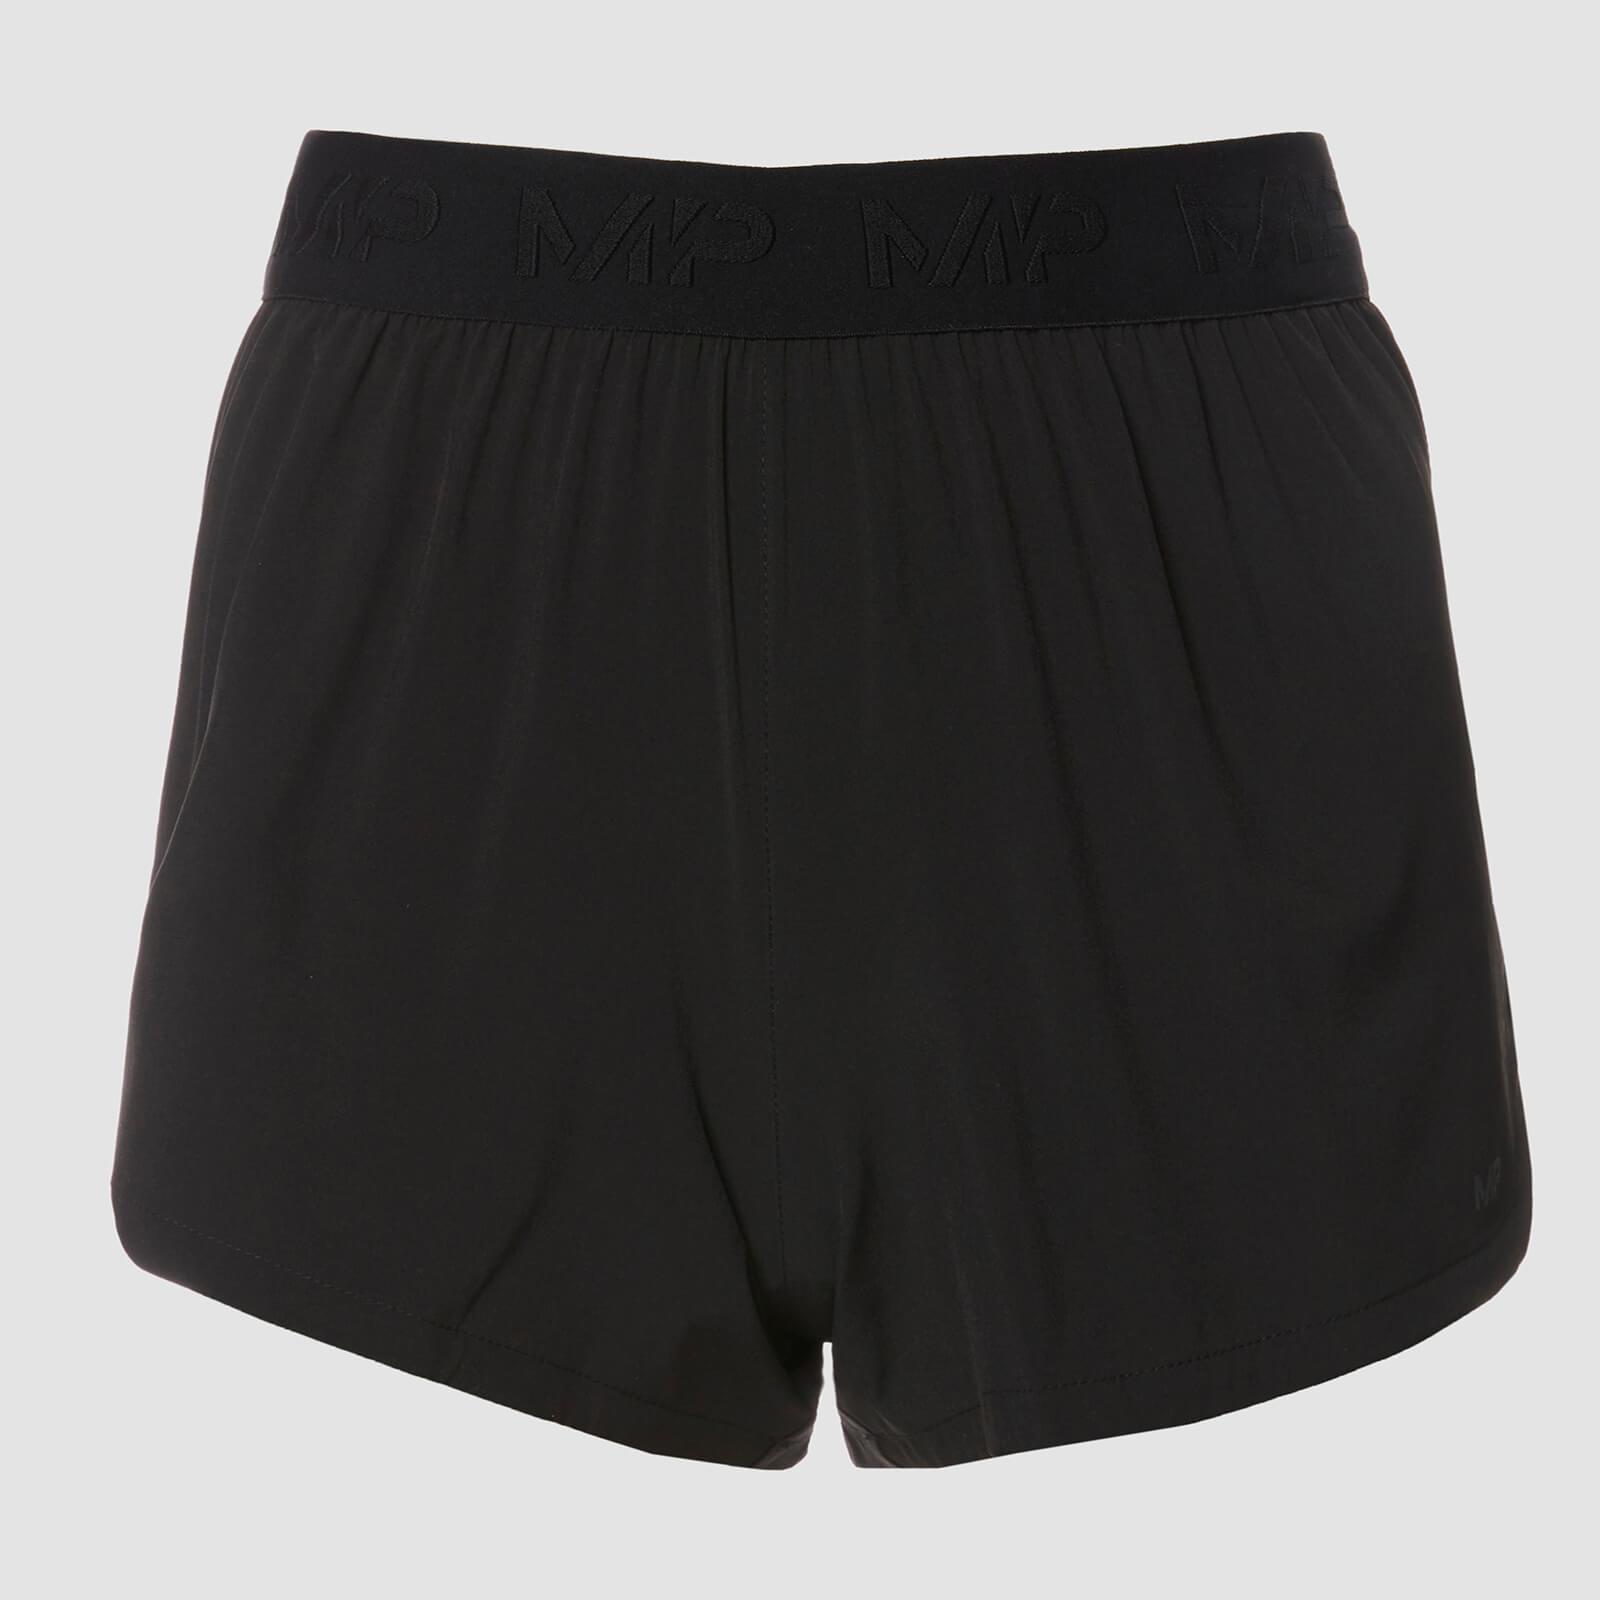 Short d'entraînement Essentials – Noir - XS